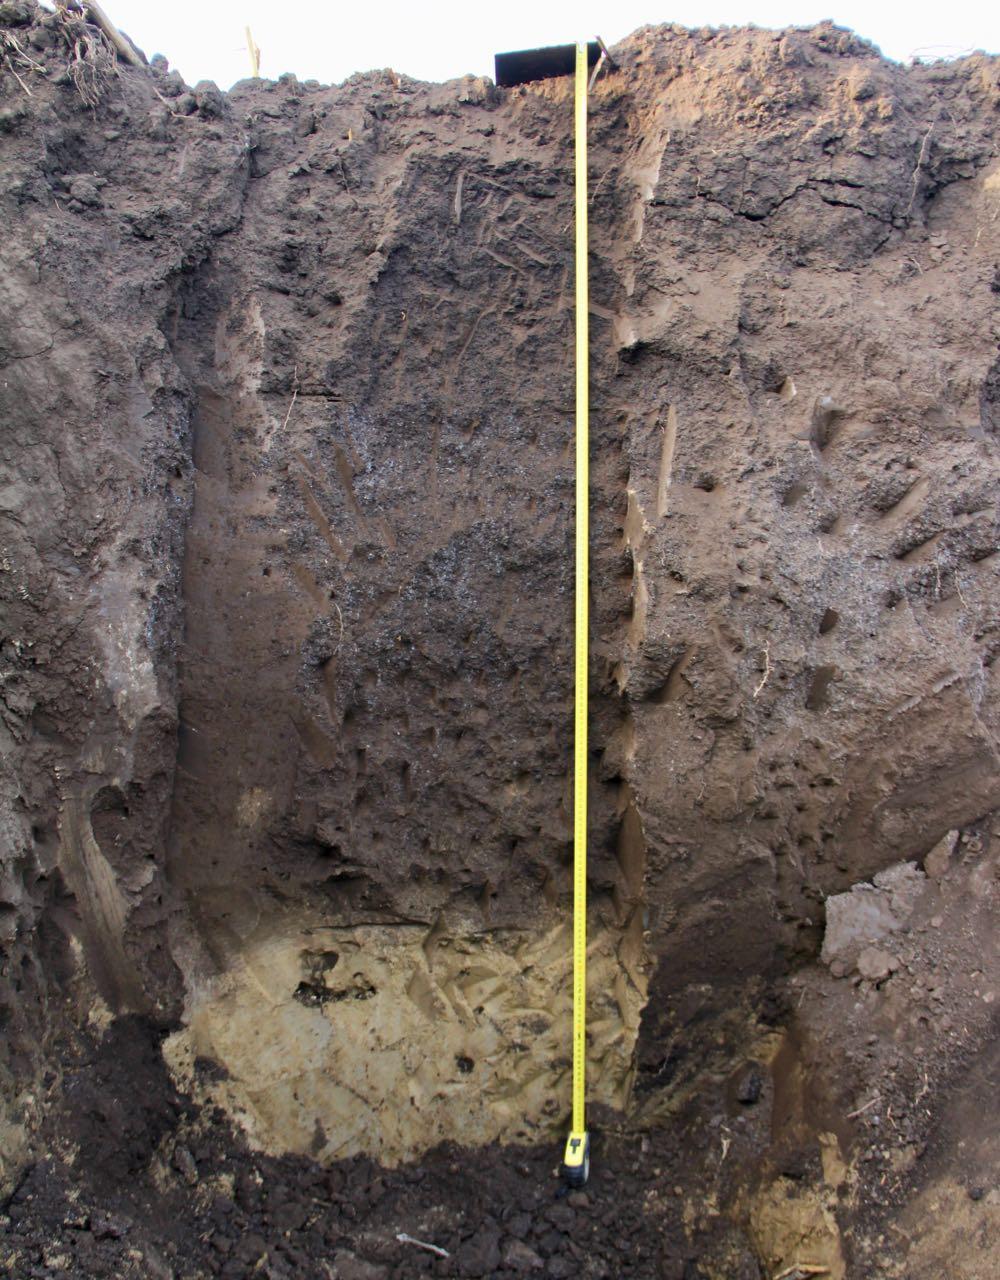 SOBAC Bodenprofil beimpft durch Bacteriosol/Bacteriolit/Quaterna Plant, Sonnenerde